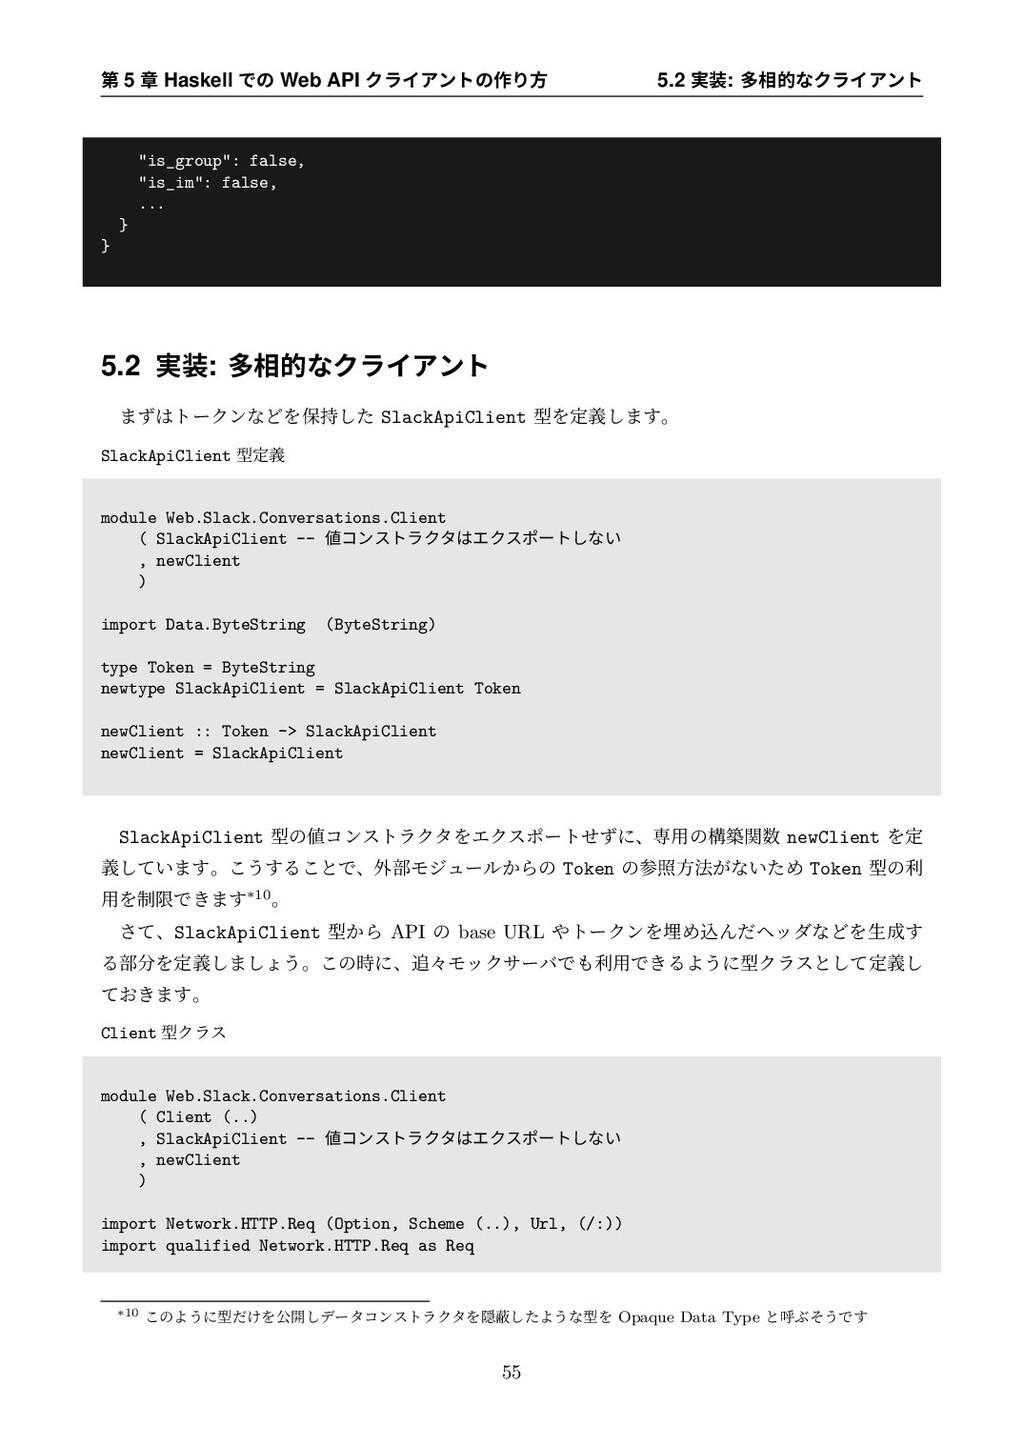 ୈ 5 ষ Haskell Ͱͷ Web API ΫϥΠΞϯτͷ࡞Γํ 5.2 ࣮: ଟ૬త...